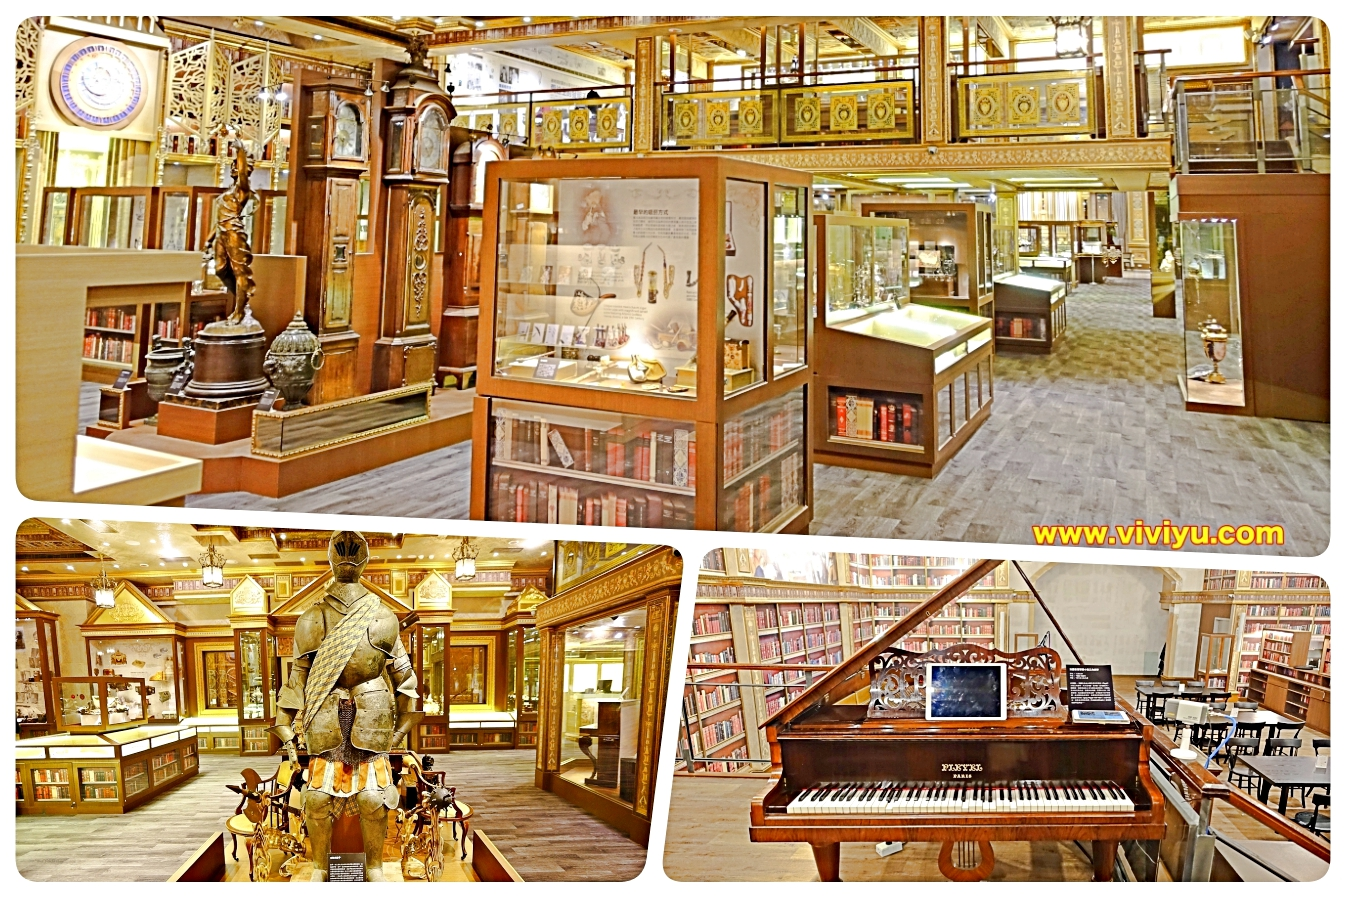 [台中·旅遊]新天地西洋古董博物館~台中免費新景點.在博物館內用餐、百年收藏品一窺西洋燦爛文化